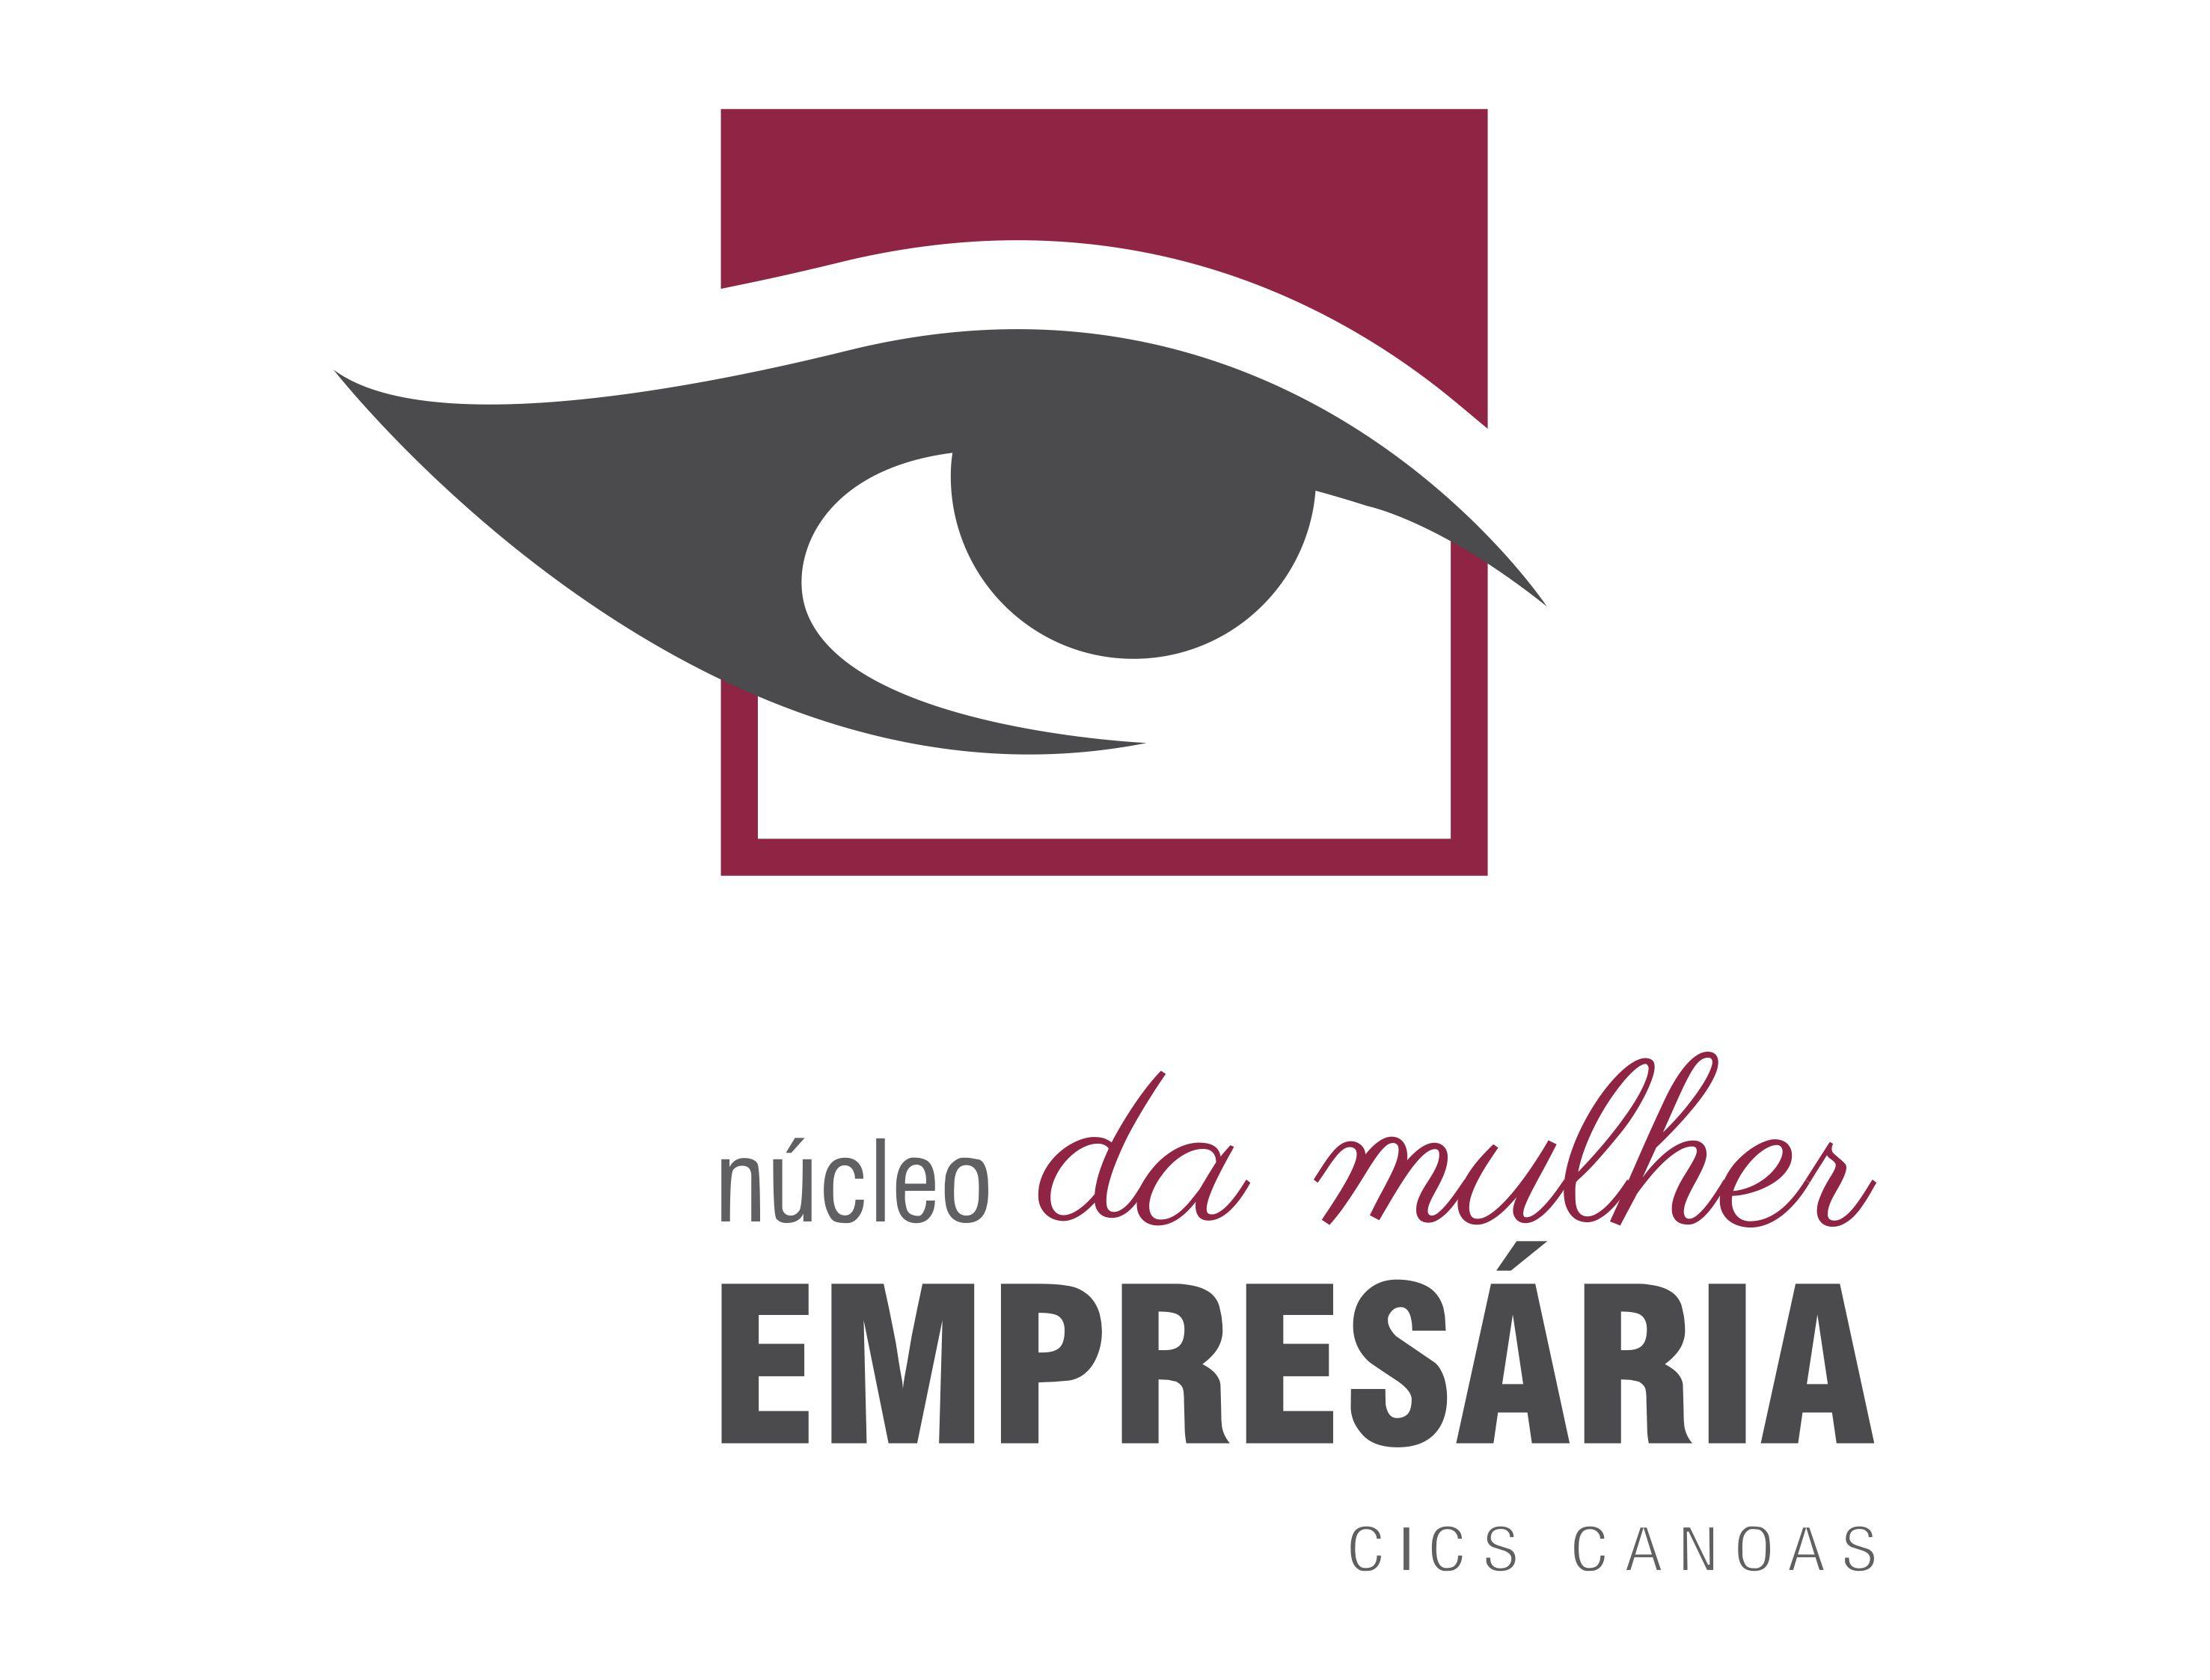 logo_nucleo_da_mulher_empresaria